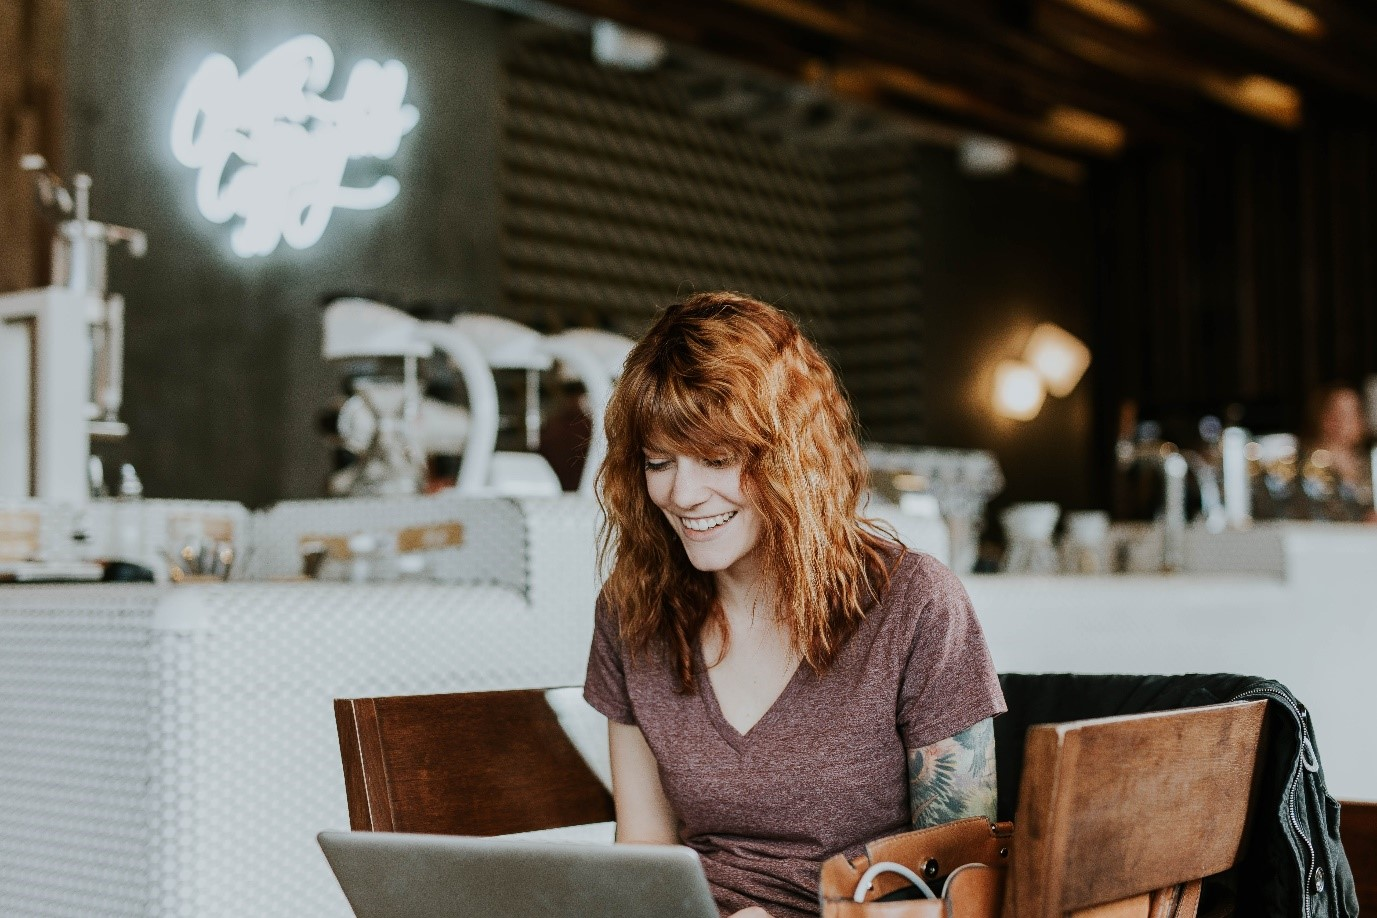 Entering the world of entrepreneurship